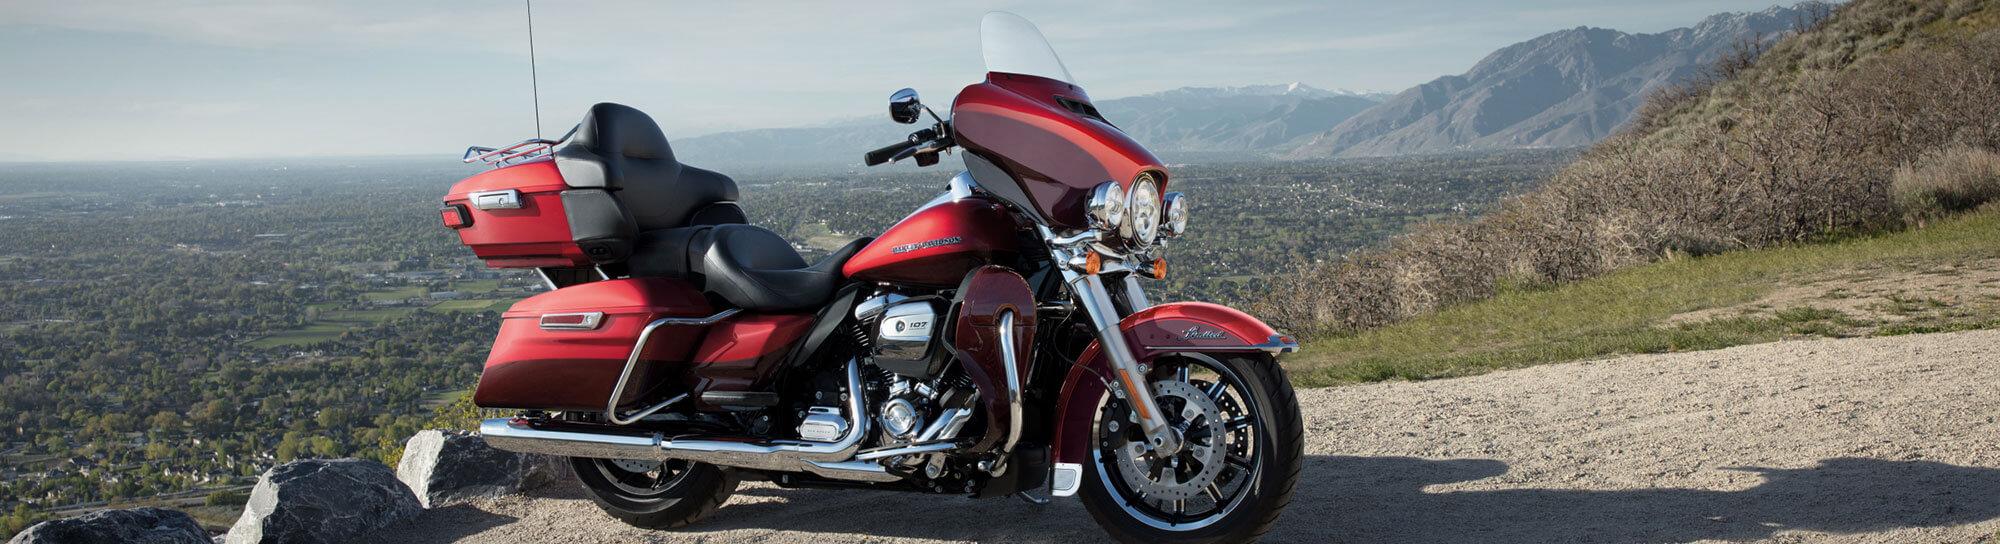 Harley-Davidson Ultra Glide Limited